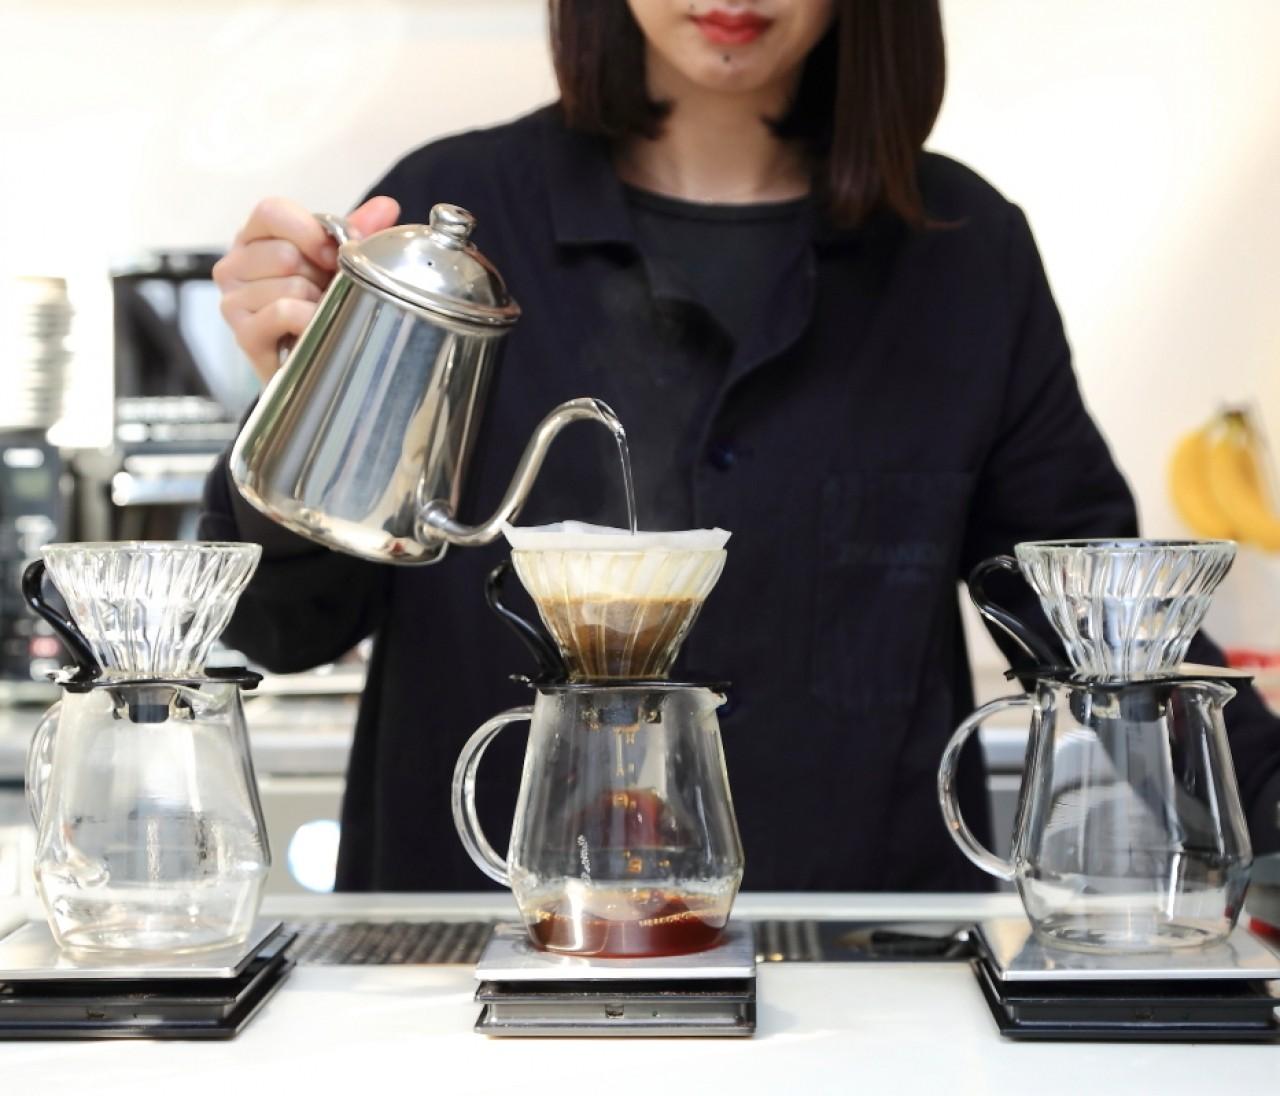 これがコーヒー?な味わいに驚き!北浜の新しいカフェ③【関西のイケスポ】